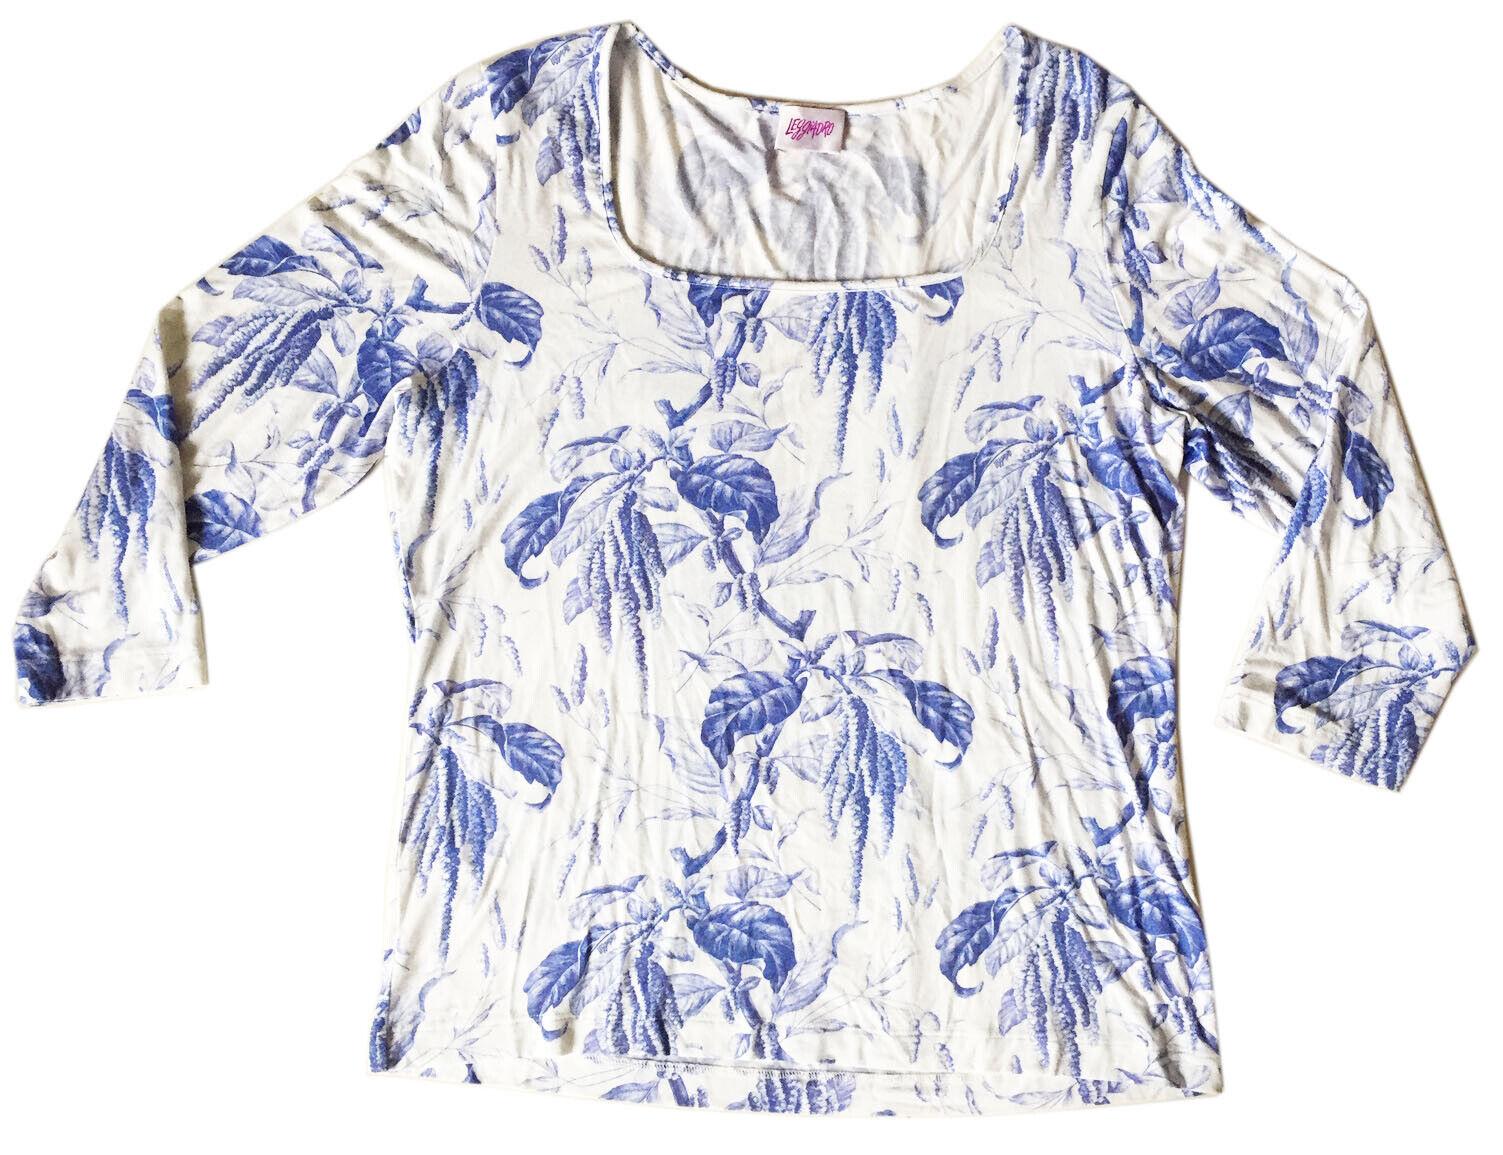 Camiseta  Manga Elástico Viscosa 3 4 LEGGIADRO Azul blancoo botánico Print Sz 4 (12-14)  Envíos y devoluciones gratis.